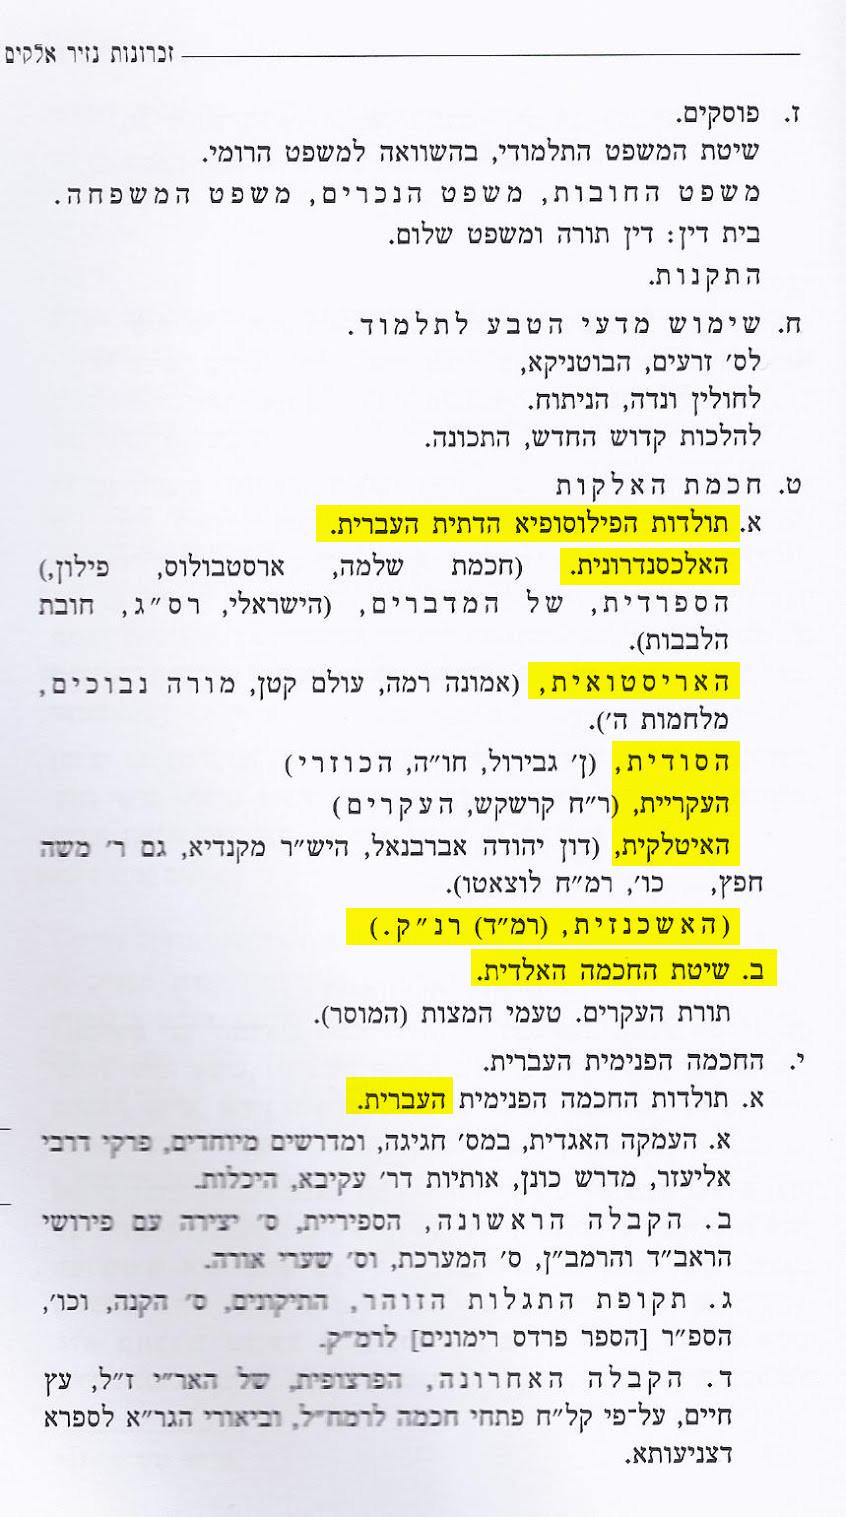 אם לפי הנזיר והאישור של קוק, אפשר לקרוא לחכמי ישראל פילוסופים אזי שזוהי תפיסת עולם מתיוונת